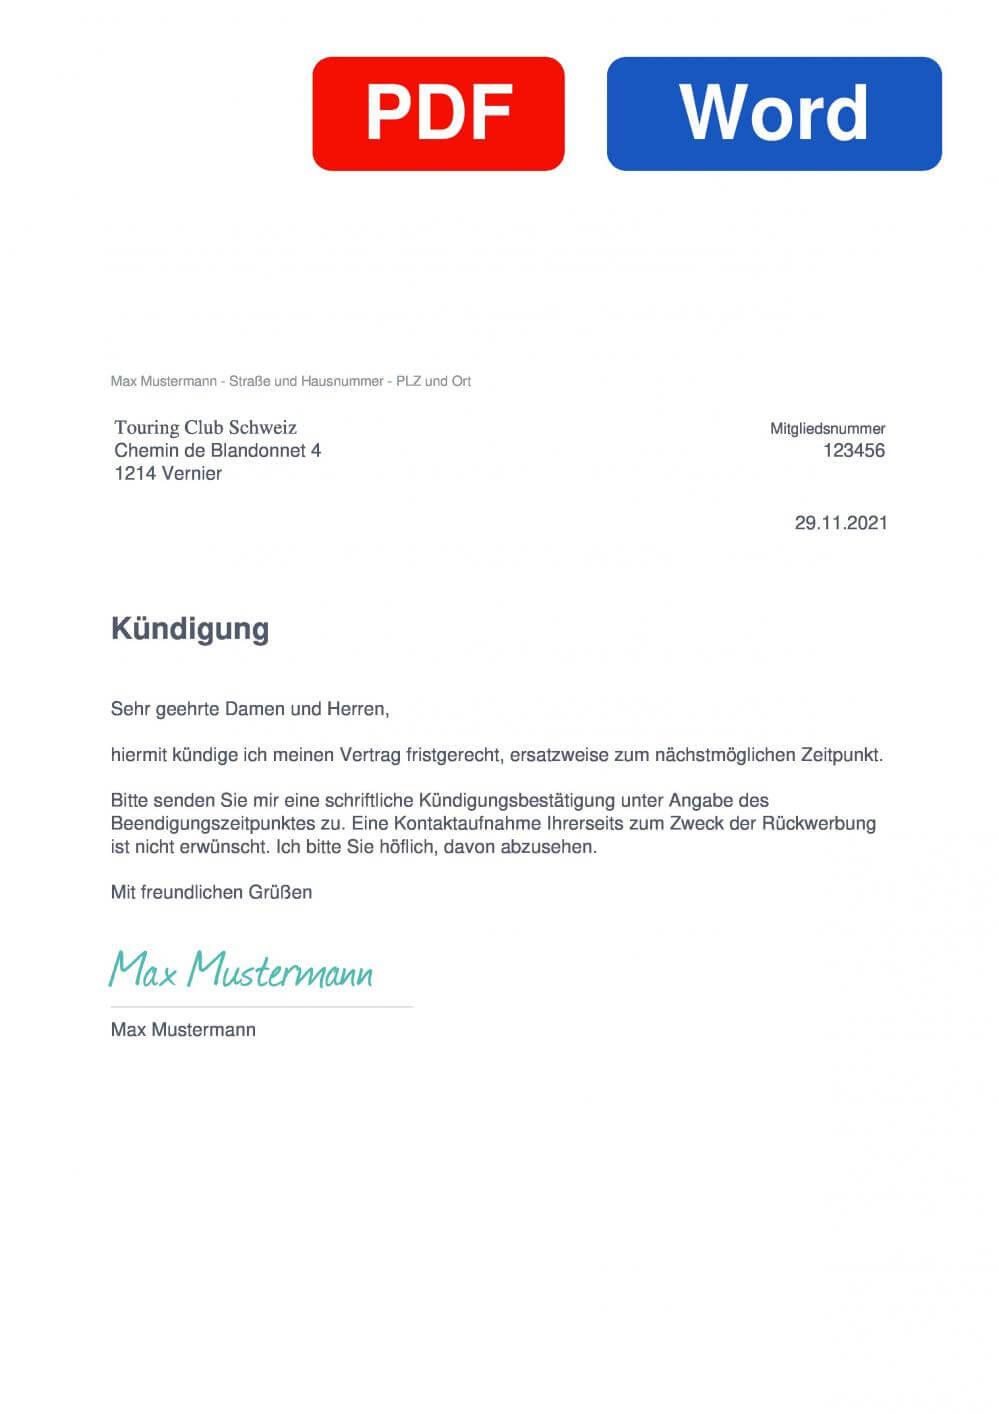 TCS Muster Vorlage für Kündigungsschreiben